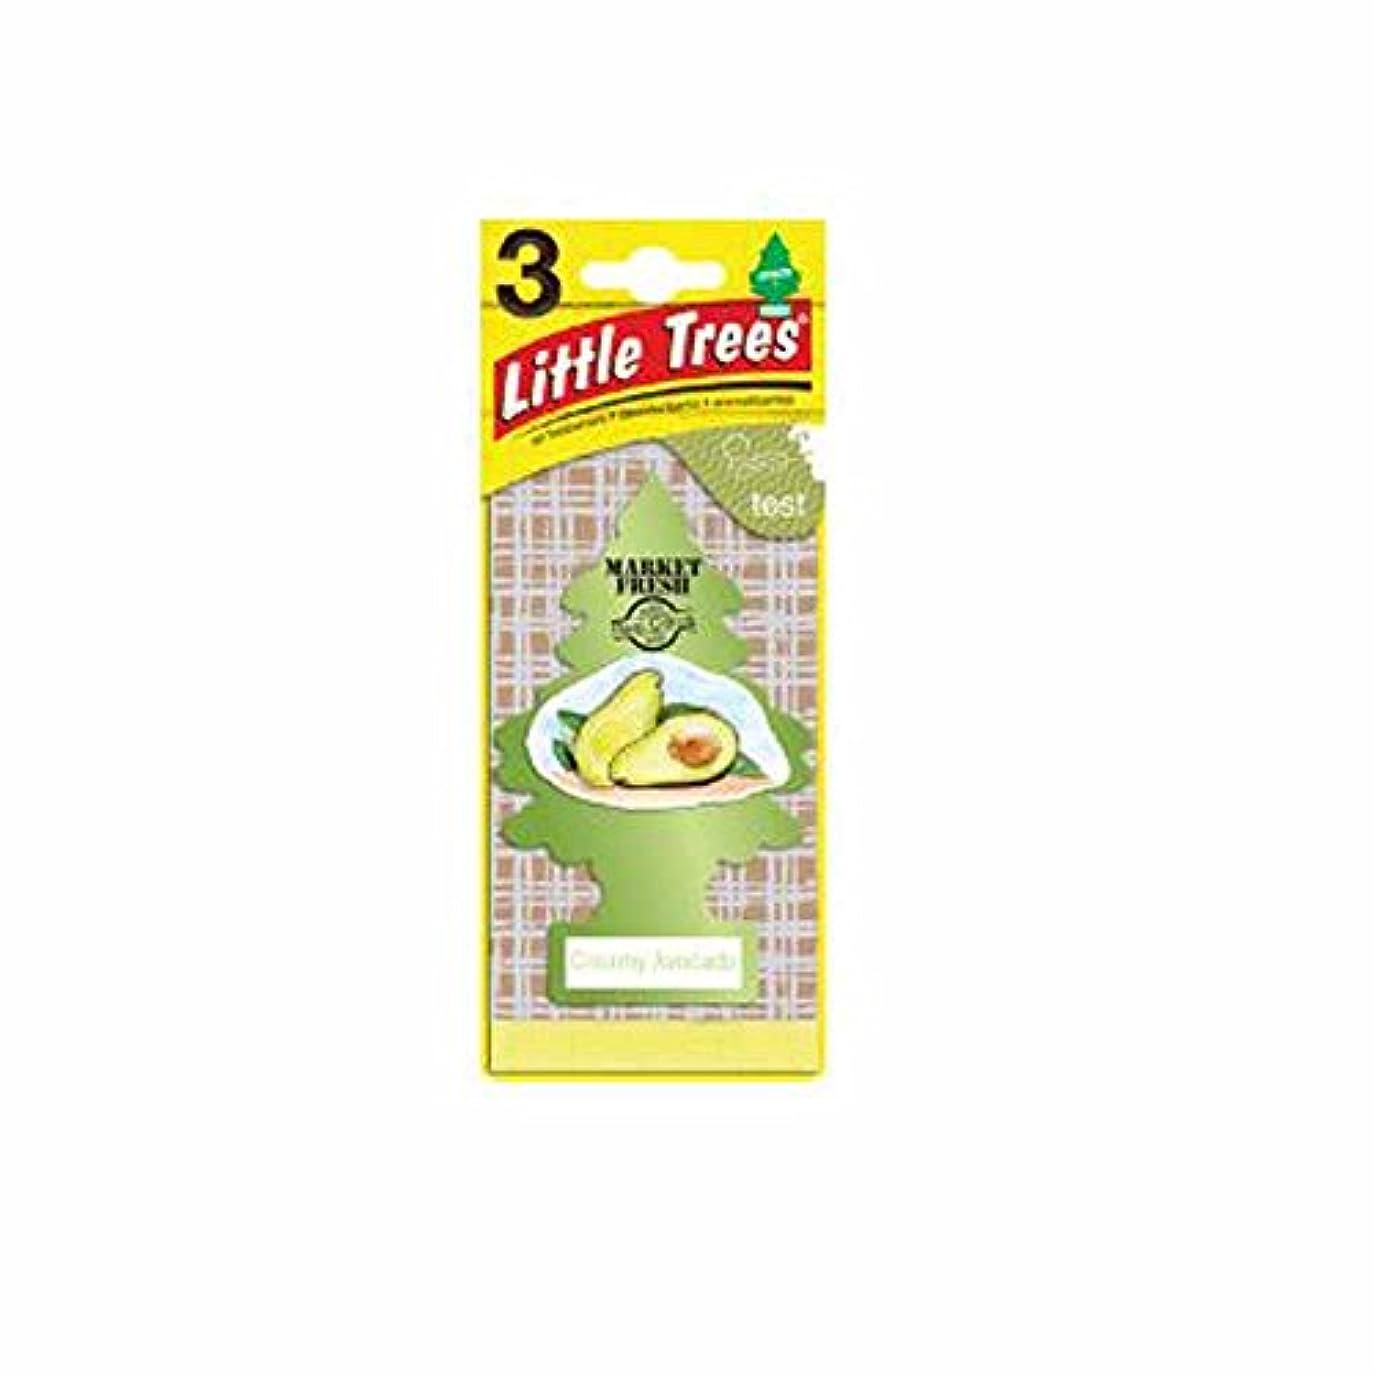 送信するジャンピングジャック薬局Little Trees 吊下げタイプ エアーフレッシュナー creamy avocado(クリーミーアボカド) 3枚セット(3P) U3S-37340